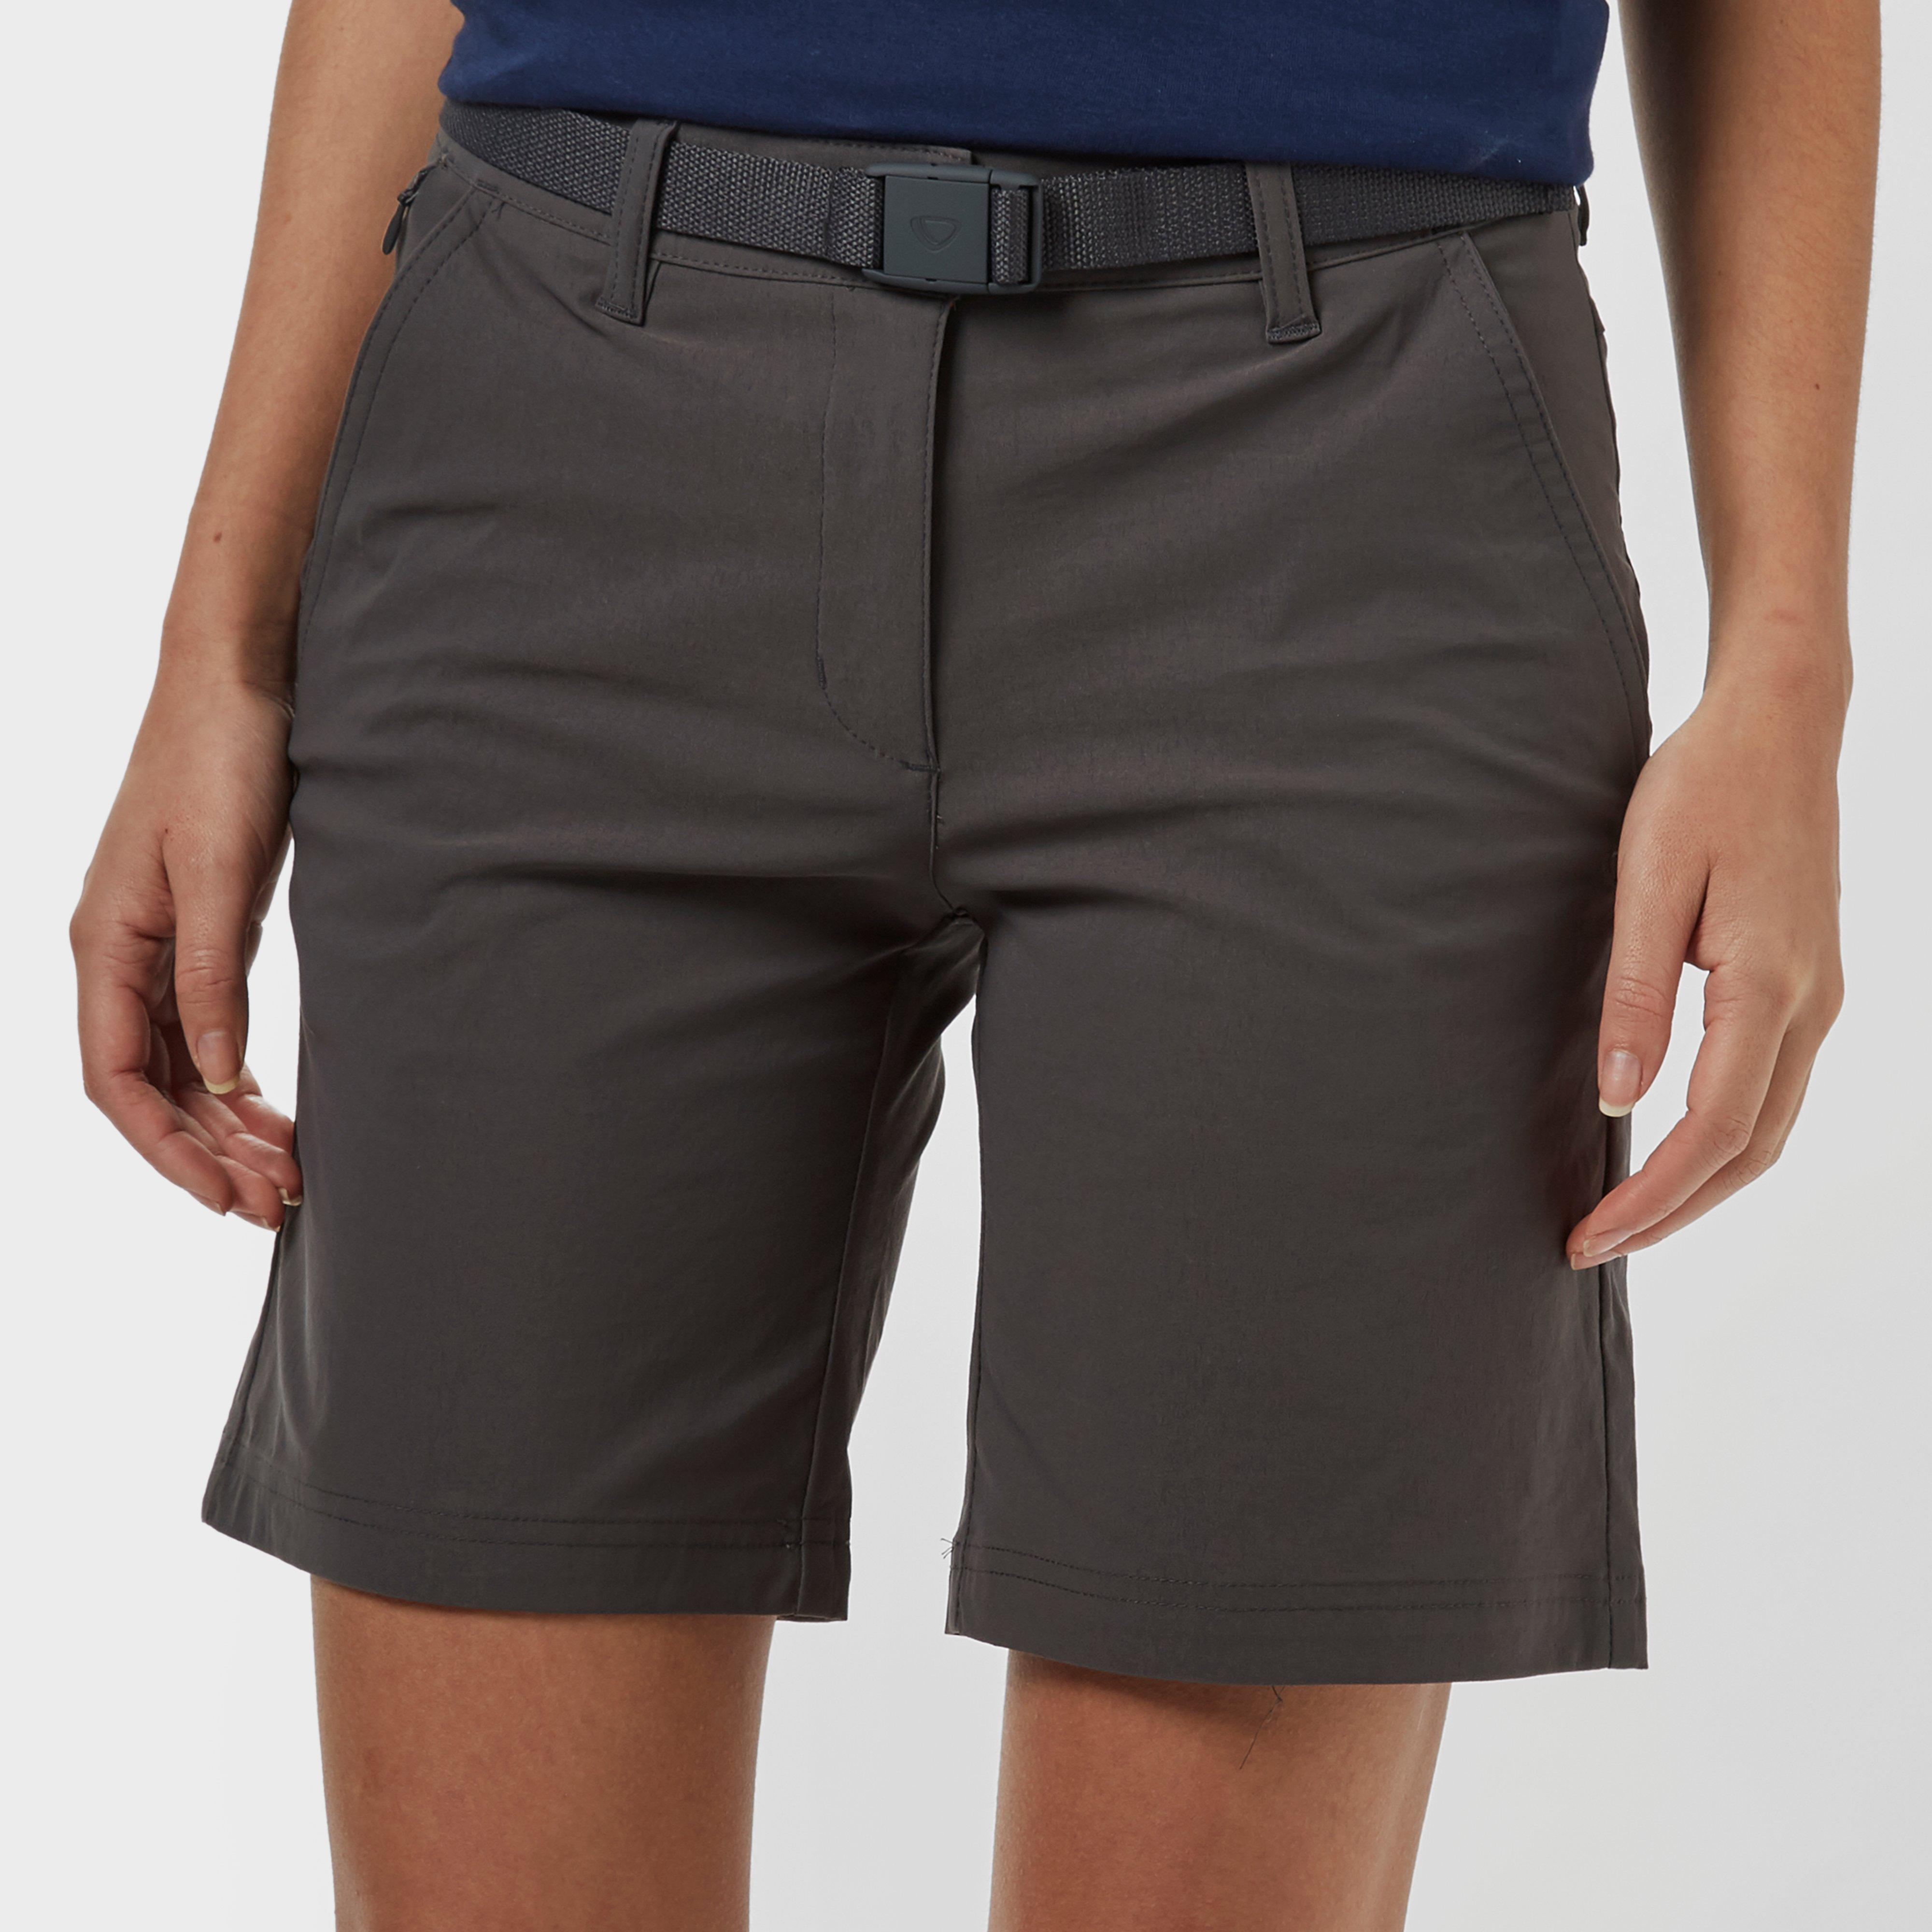 Brasher Women's Stretch Shorts, Grey/Grey